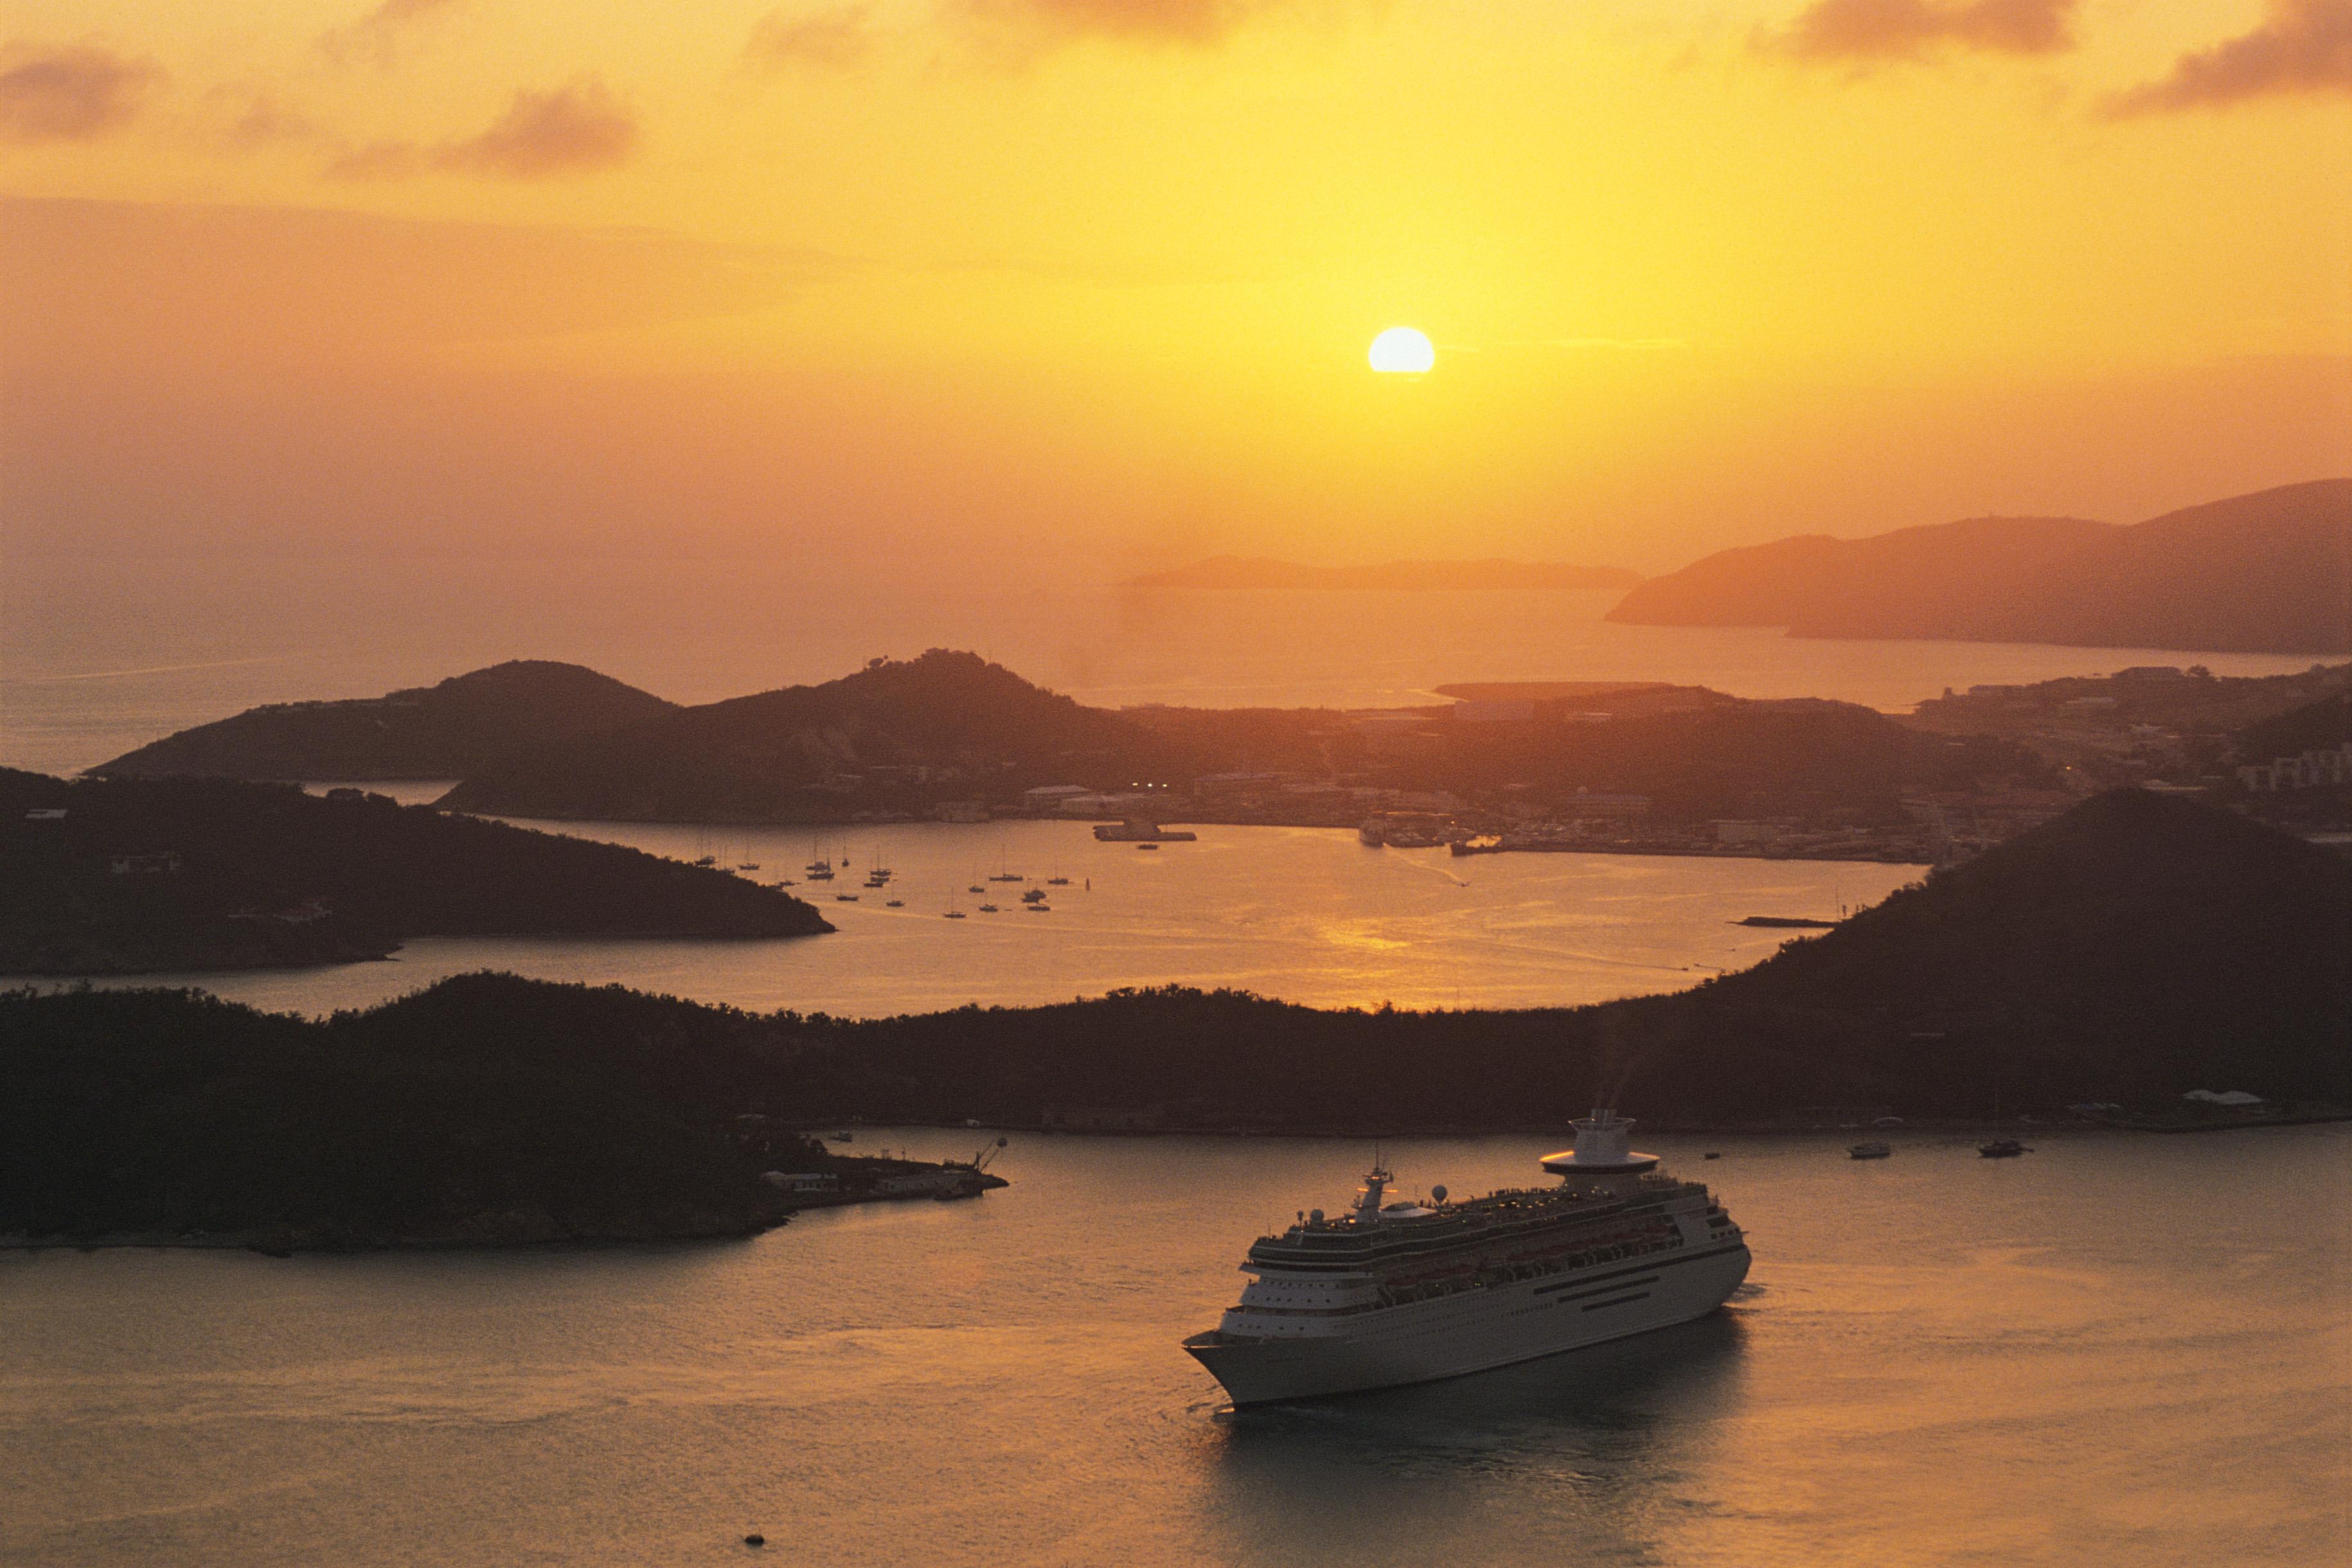 Cruise Ship at sunset, Virgin Islands